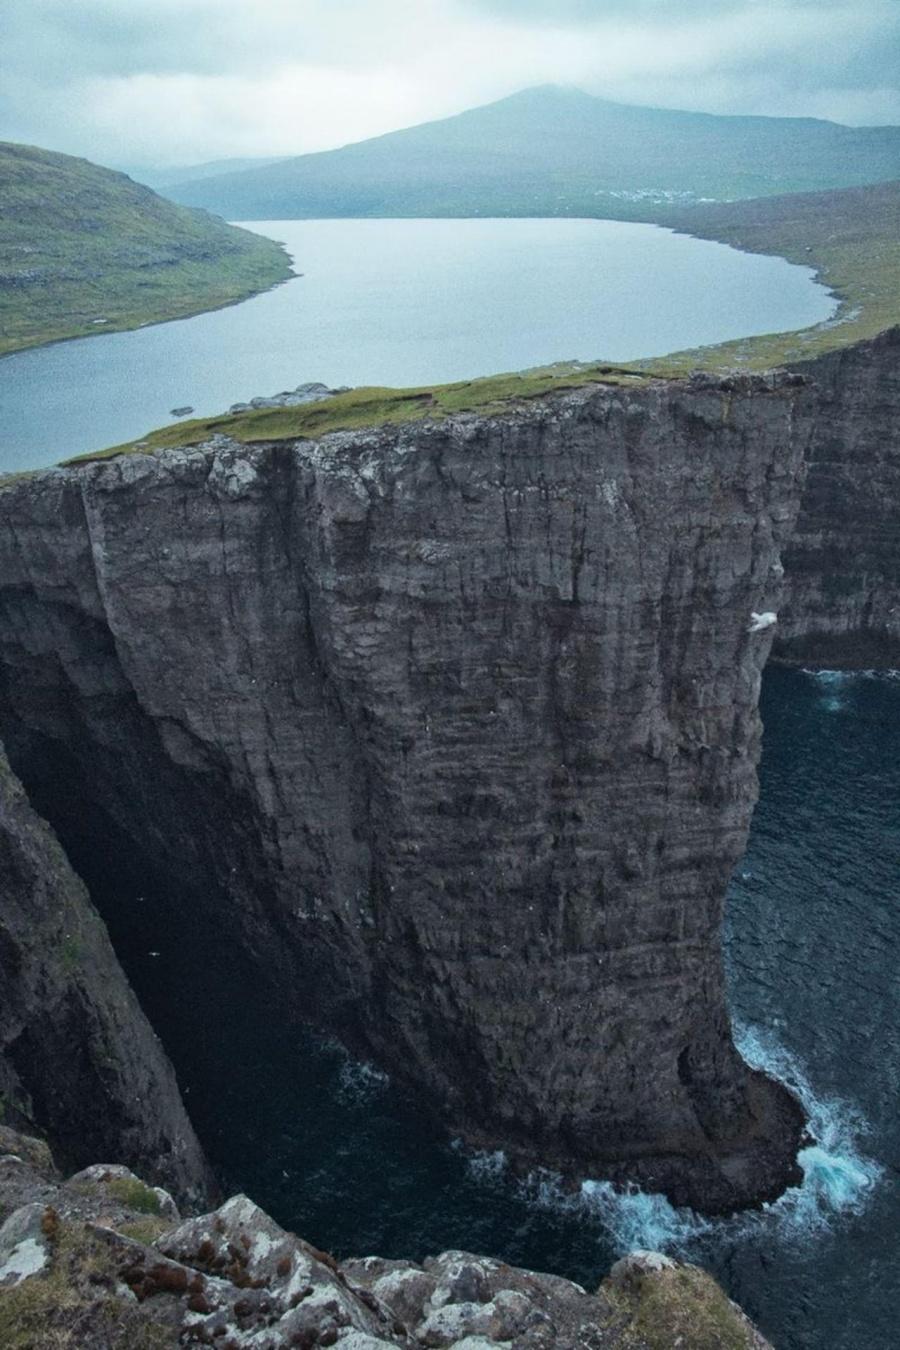 Озеро Сорвагсватн (его также часто называют «озеро над океаном»), Фарерские острова.